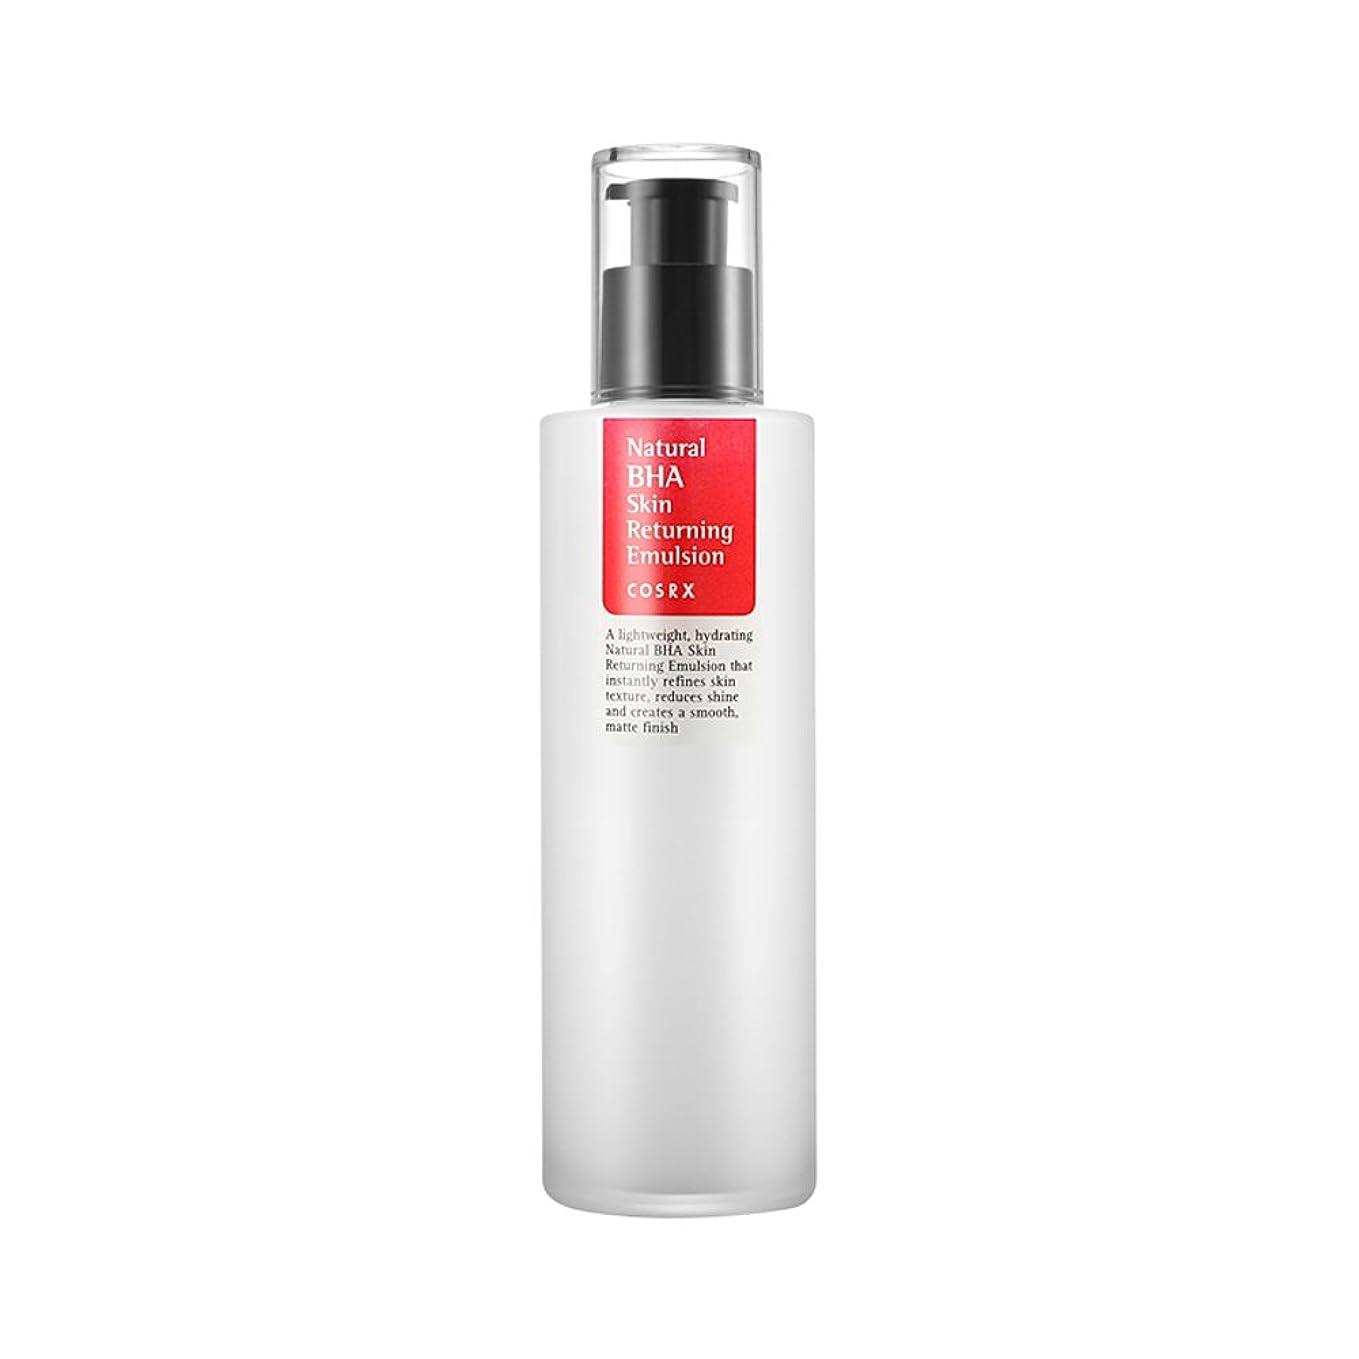 示すシルク減らすCOSRX ナチュラル BHA スキンリータニング エマルジョン/Natural BHA Skin Returning Emulsion(100ml) (100ml*3個)